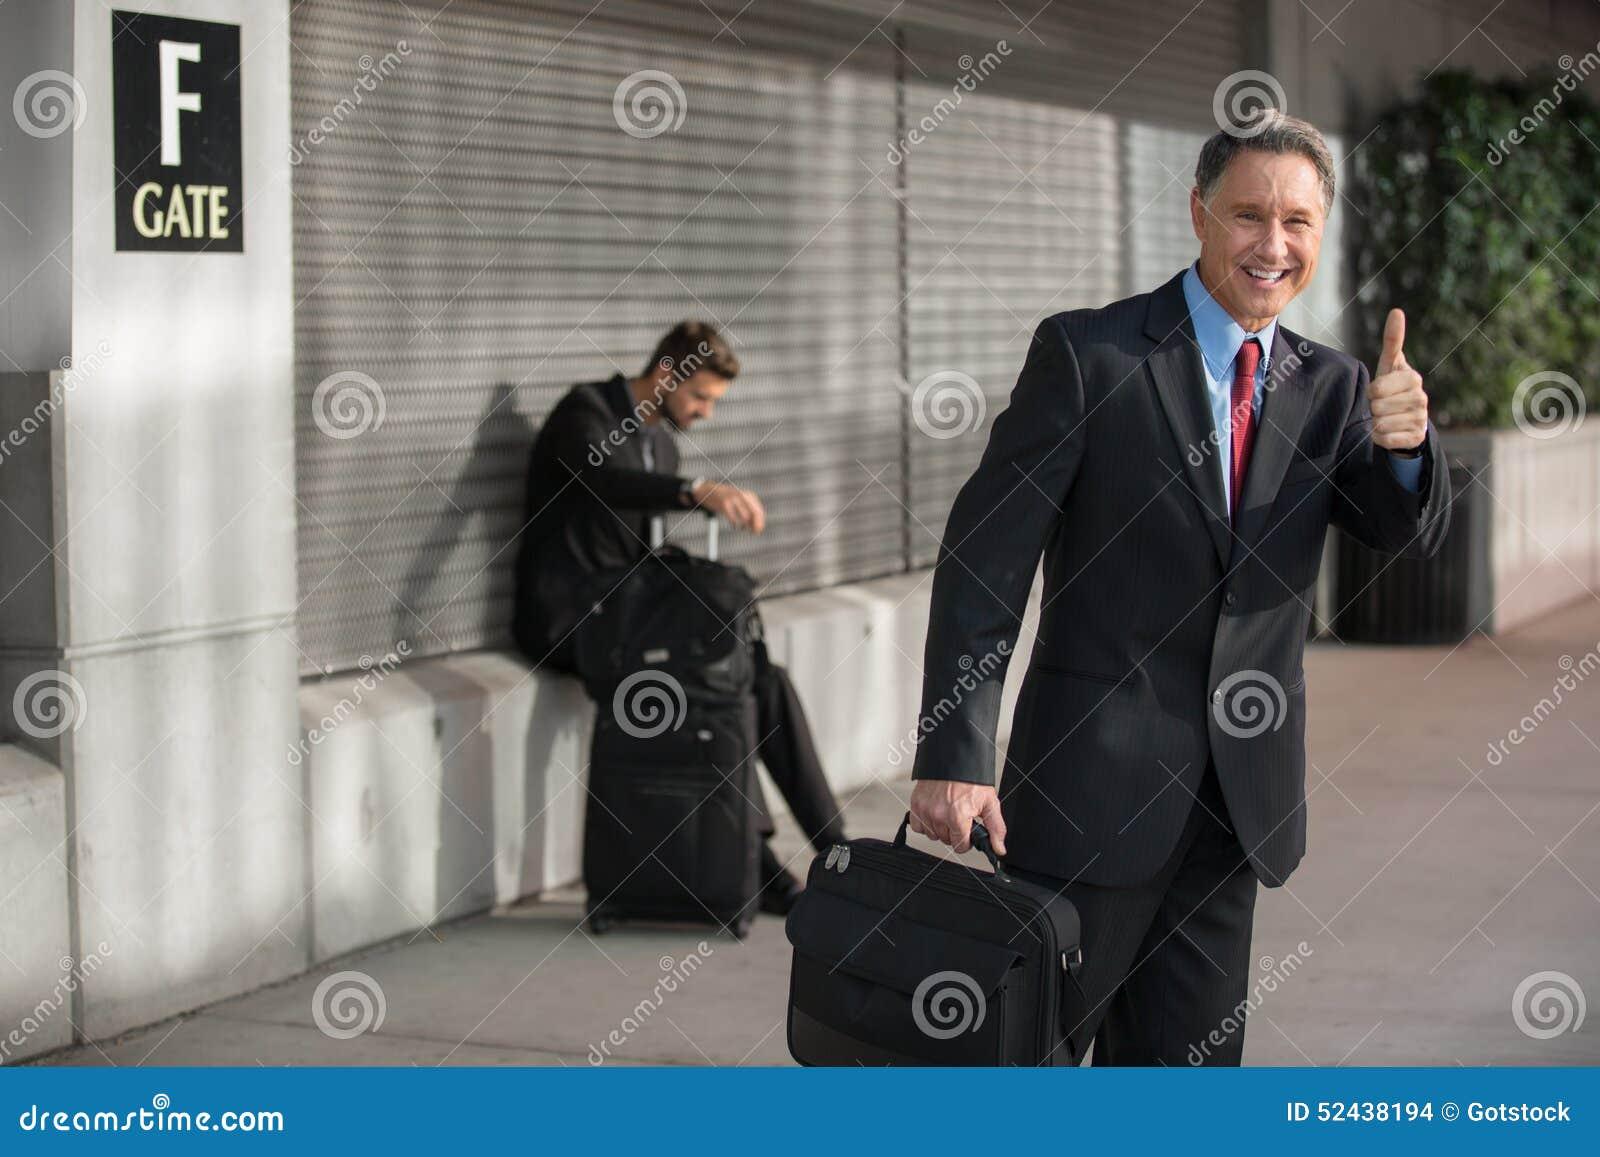 porta bem sucedida de work trip airport do homem de negócios foto de